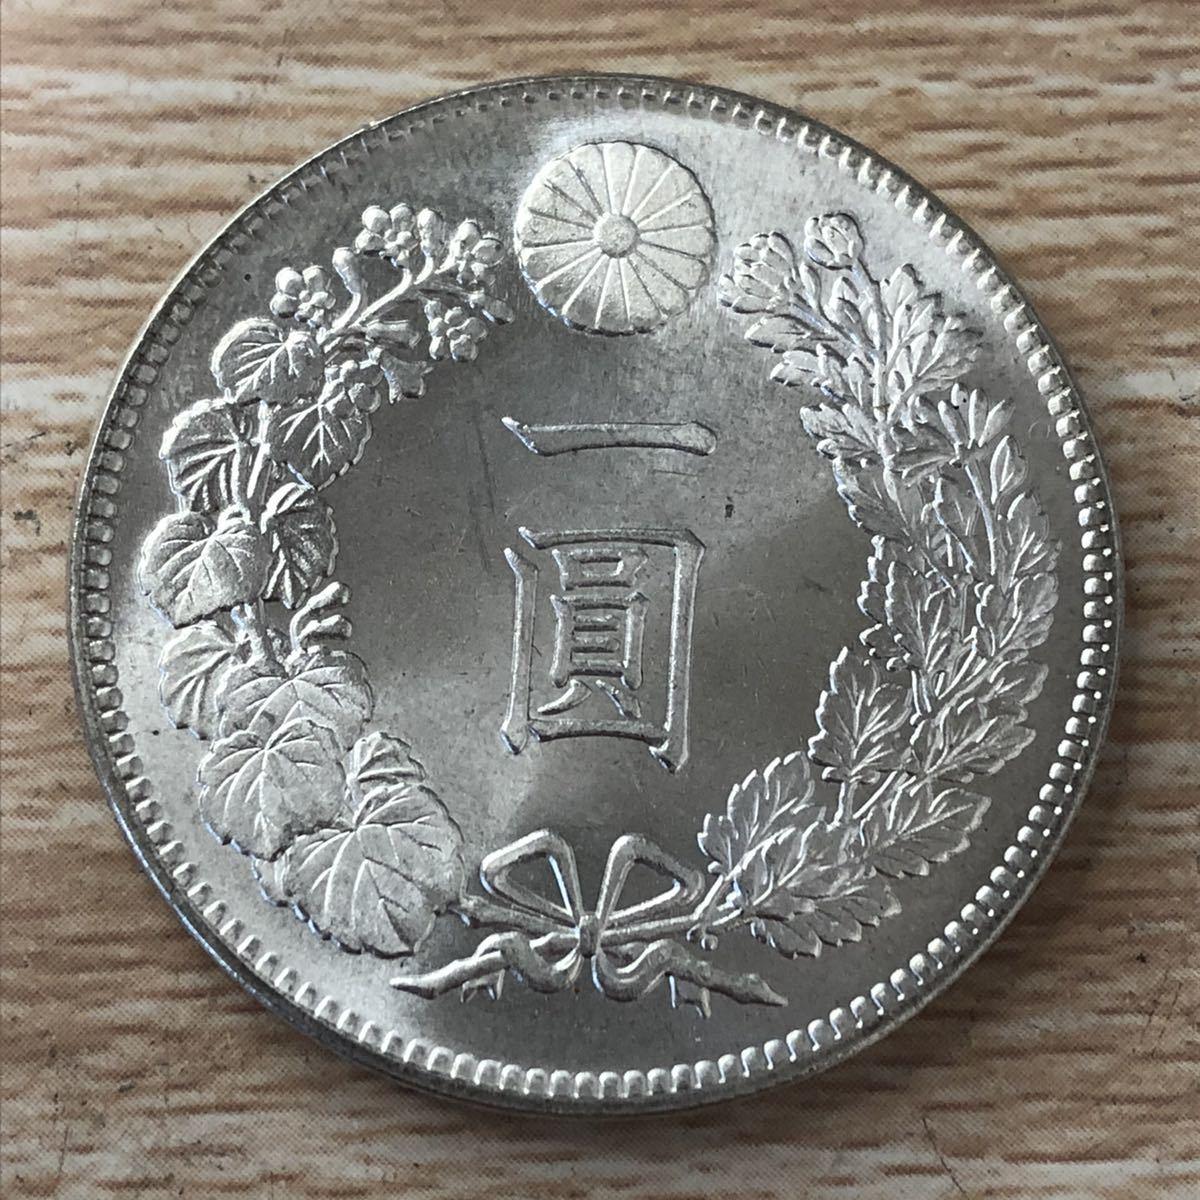 (YM-48) 古銭 明治十九年 一円銀貨 貿易銀 大日本明治美銀 量目26.63㌘ _画像1